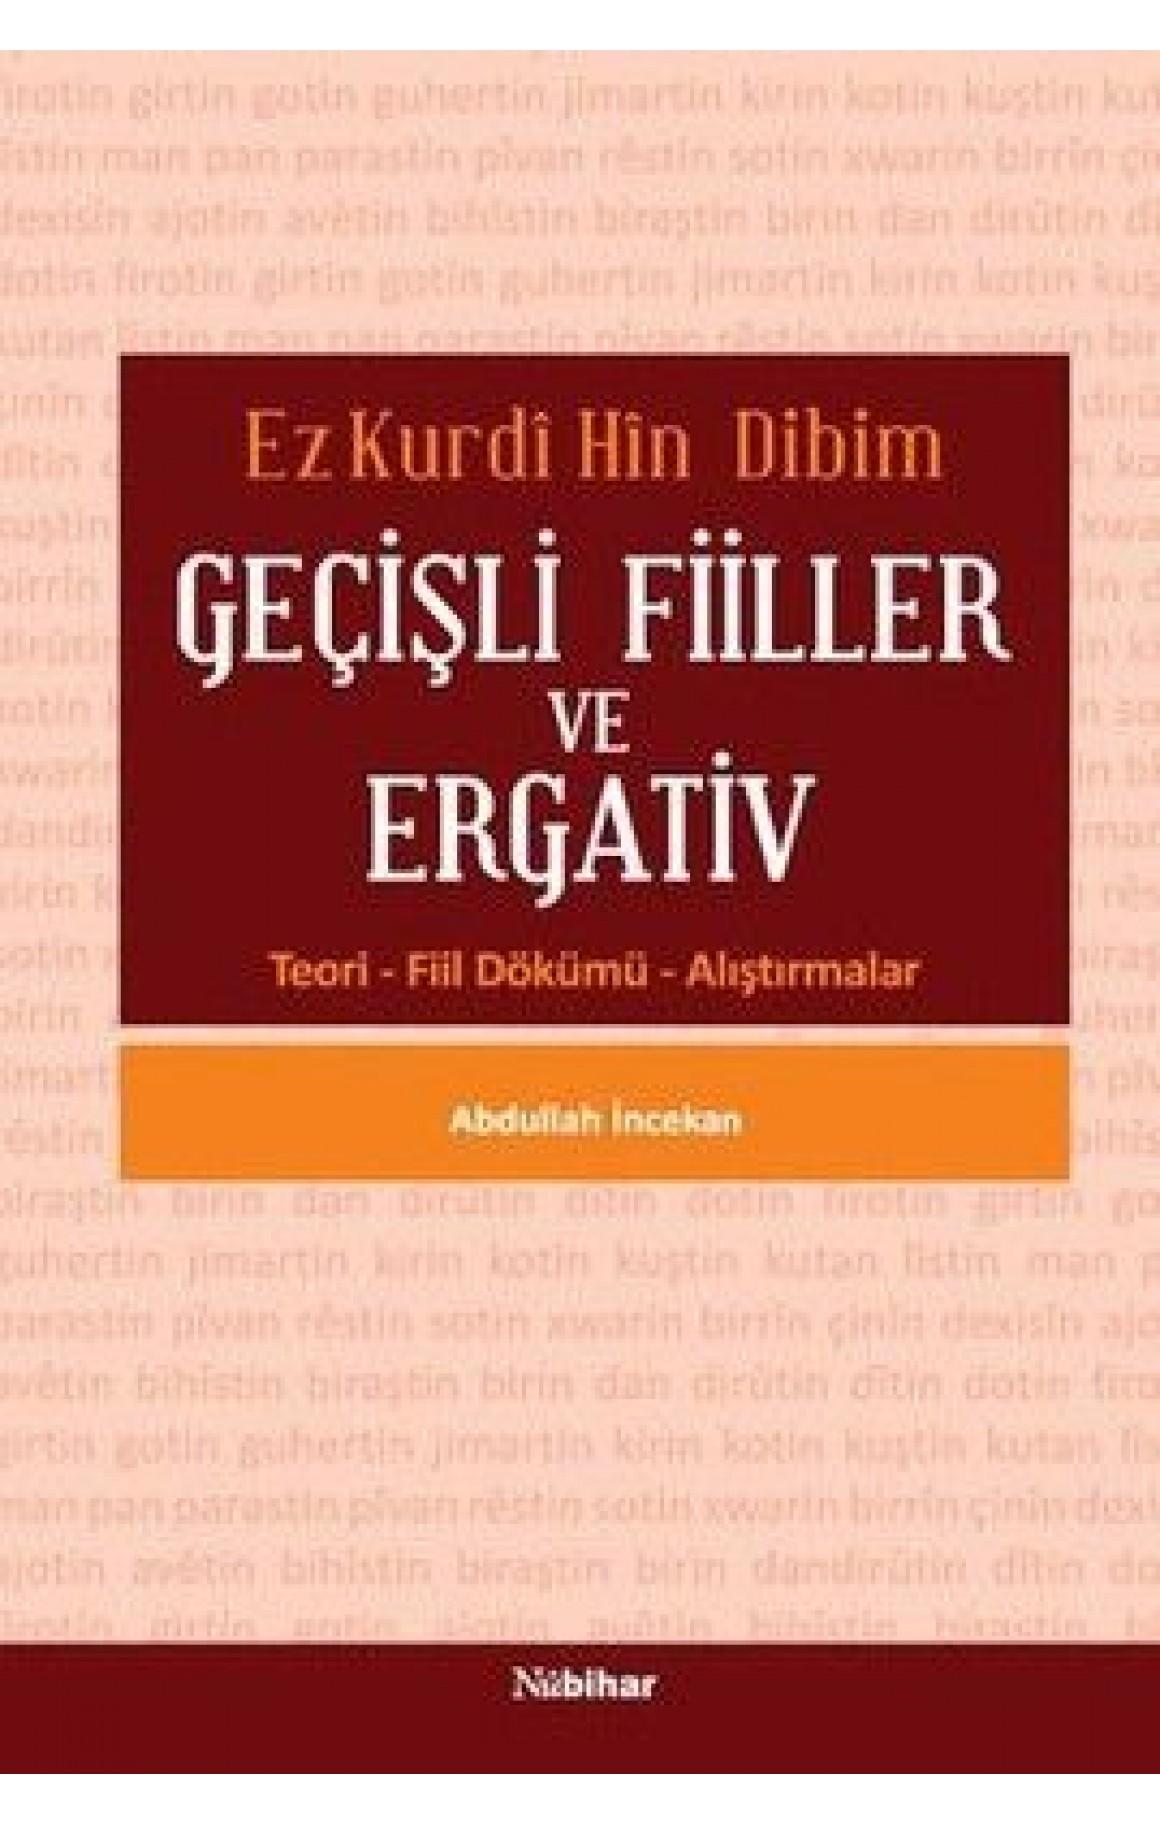 Ez Kurdî Hîn Dibim - Geçişli Fiiller ve Ergativ